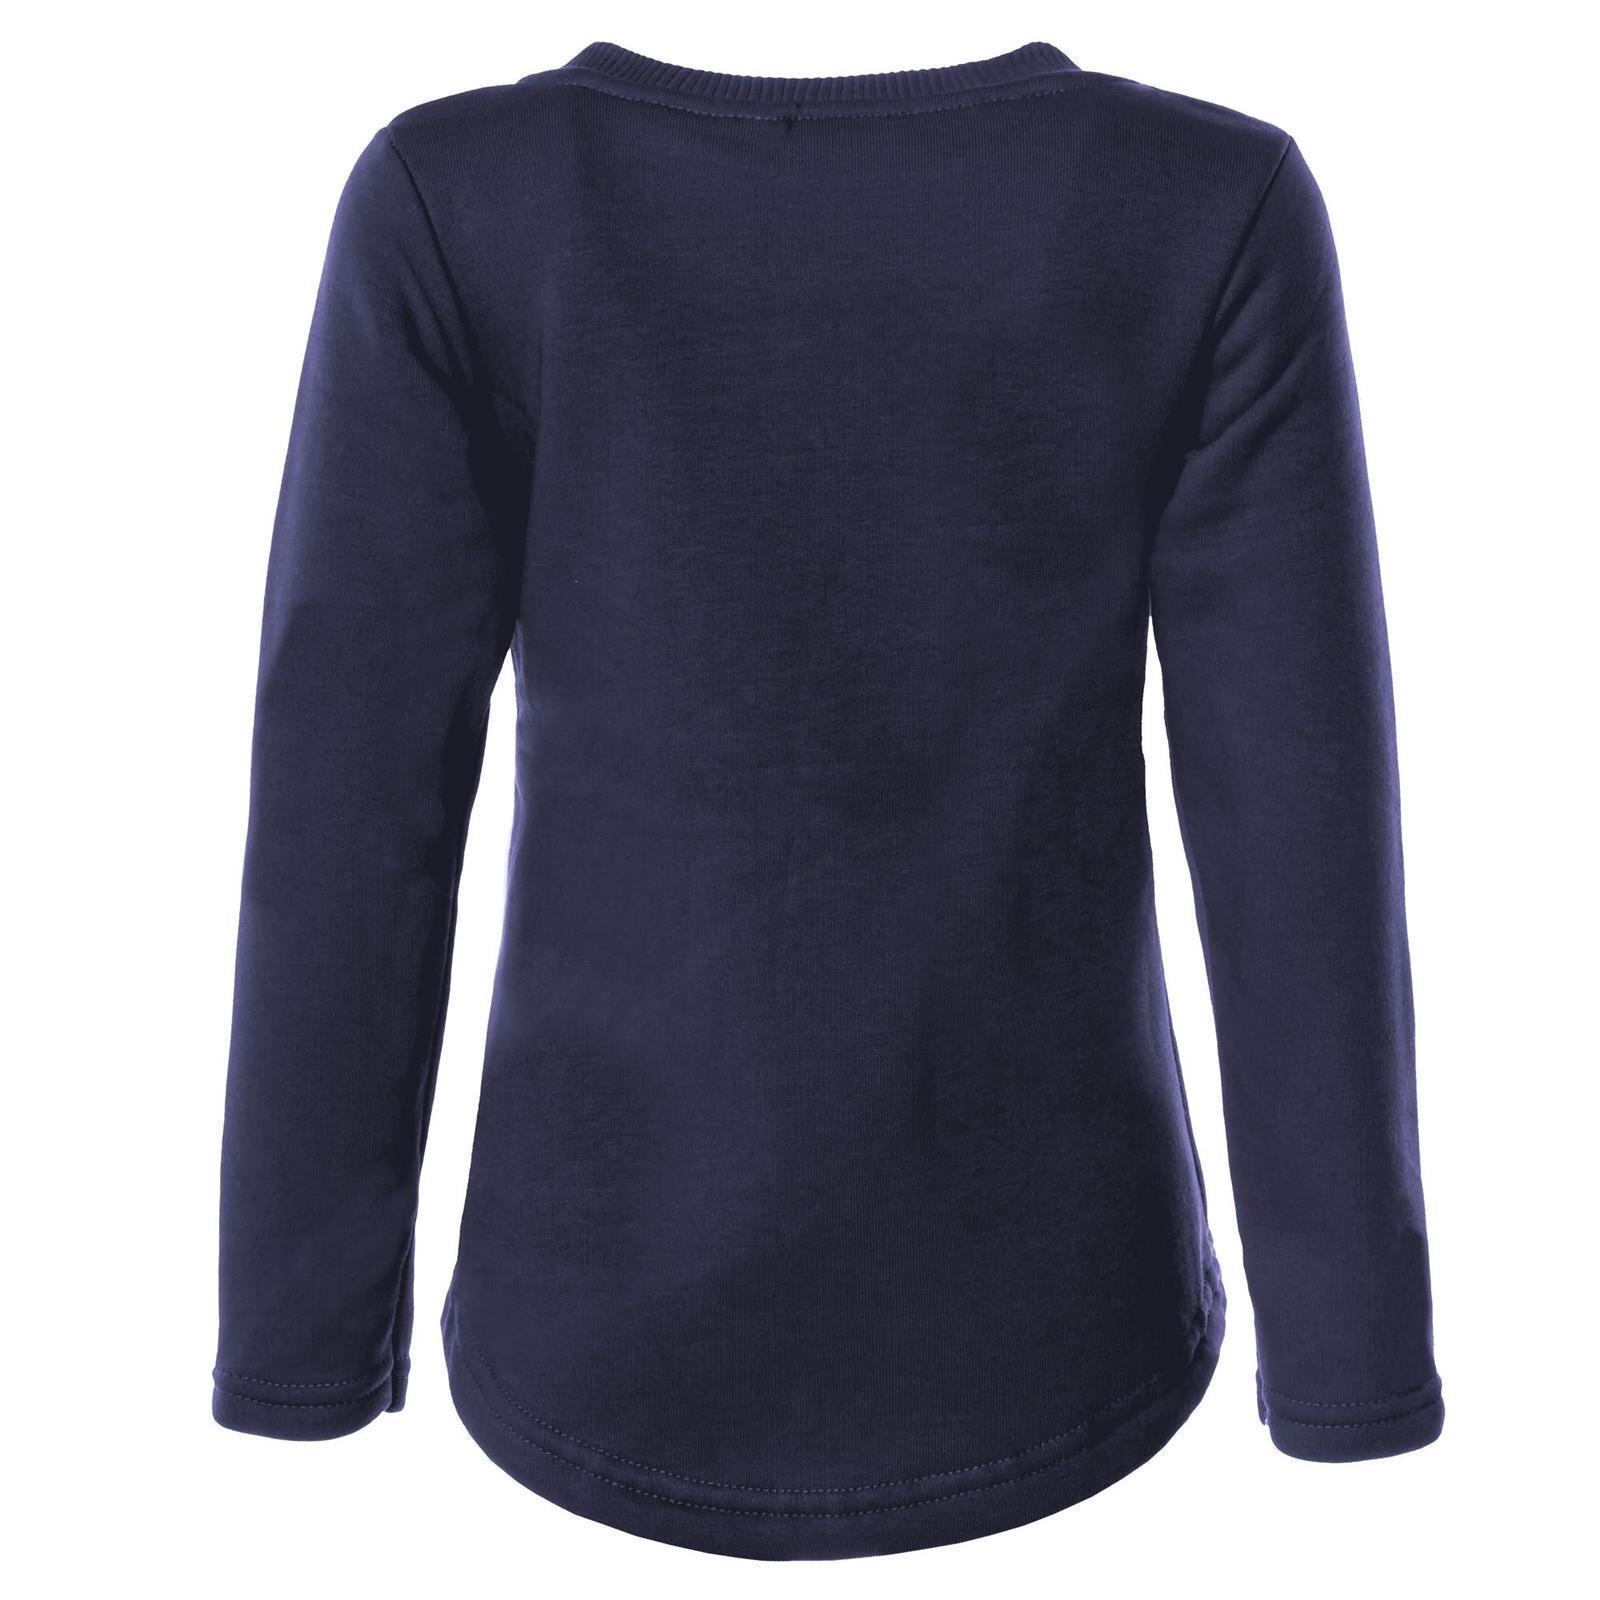 0df61de14a Kinder Pullover Mädchen Pulli Wende Pailletten Sweatshirt Bluse Langarm  21549